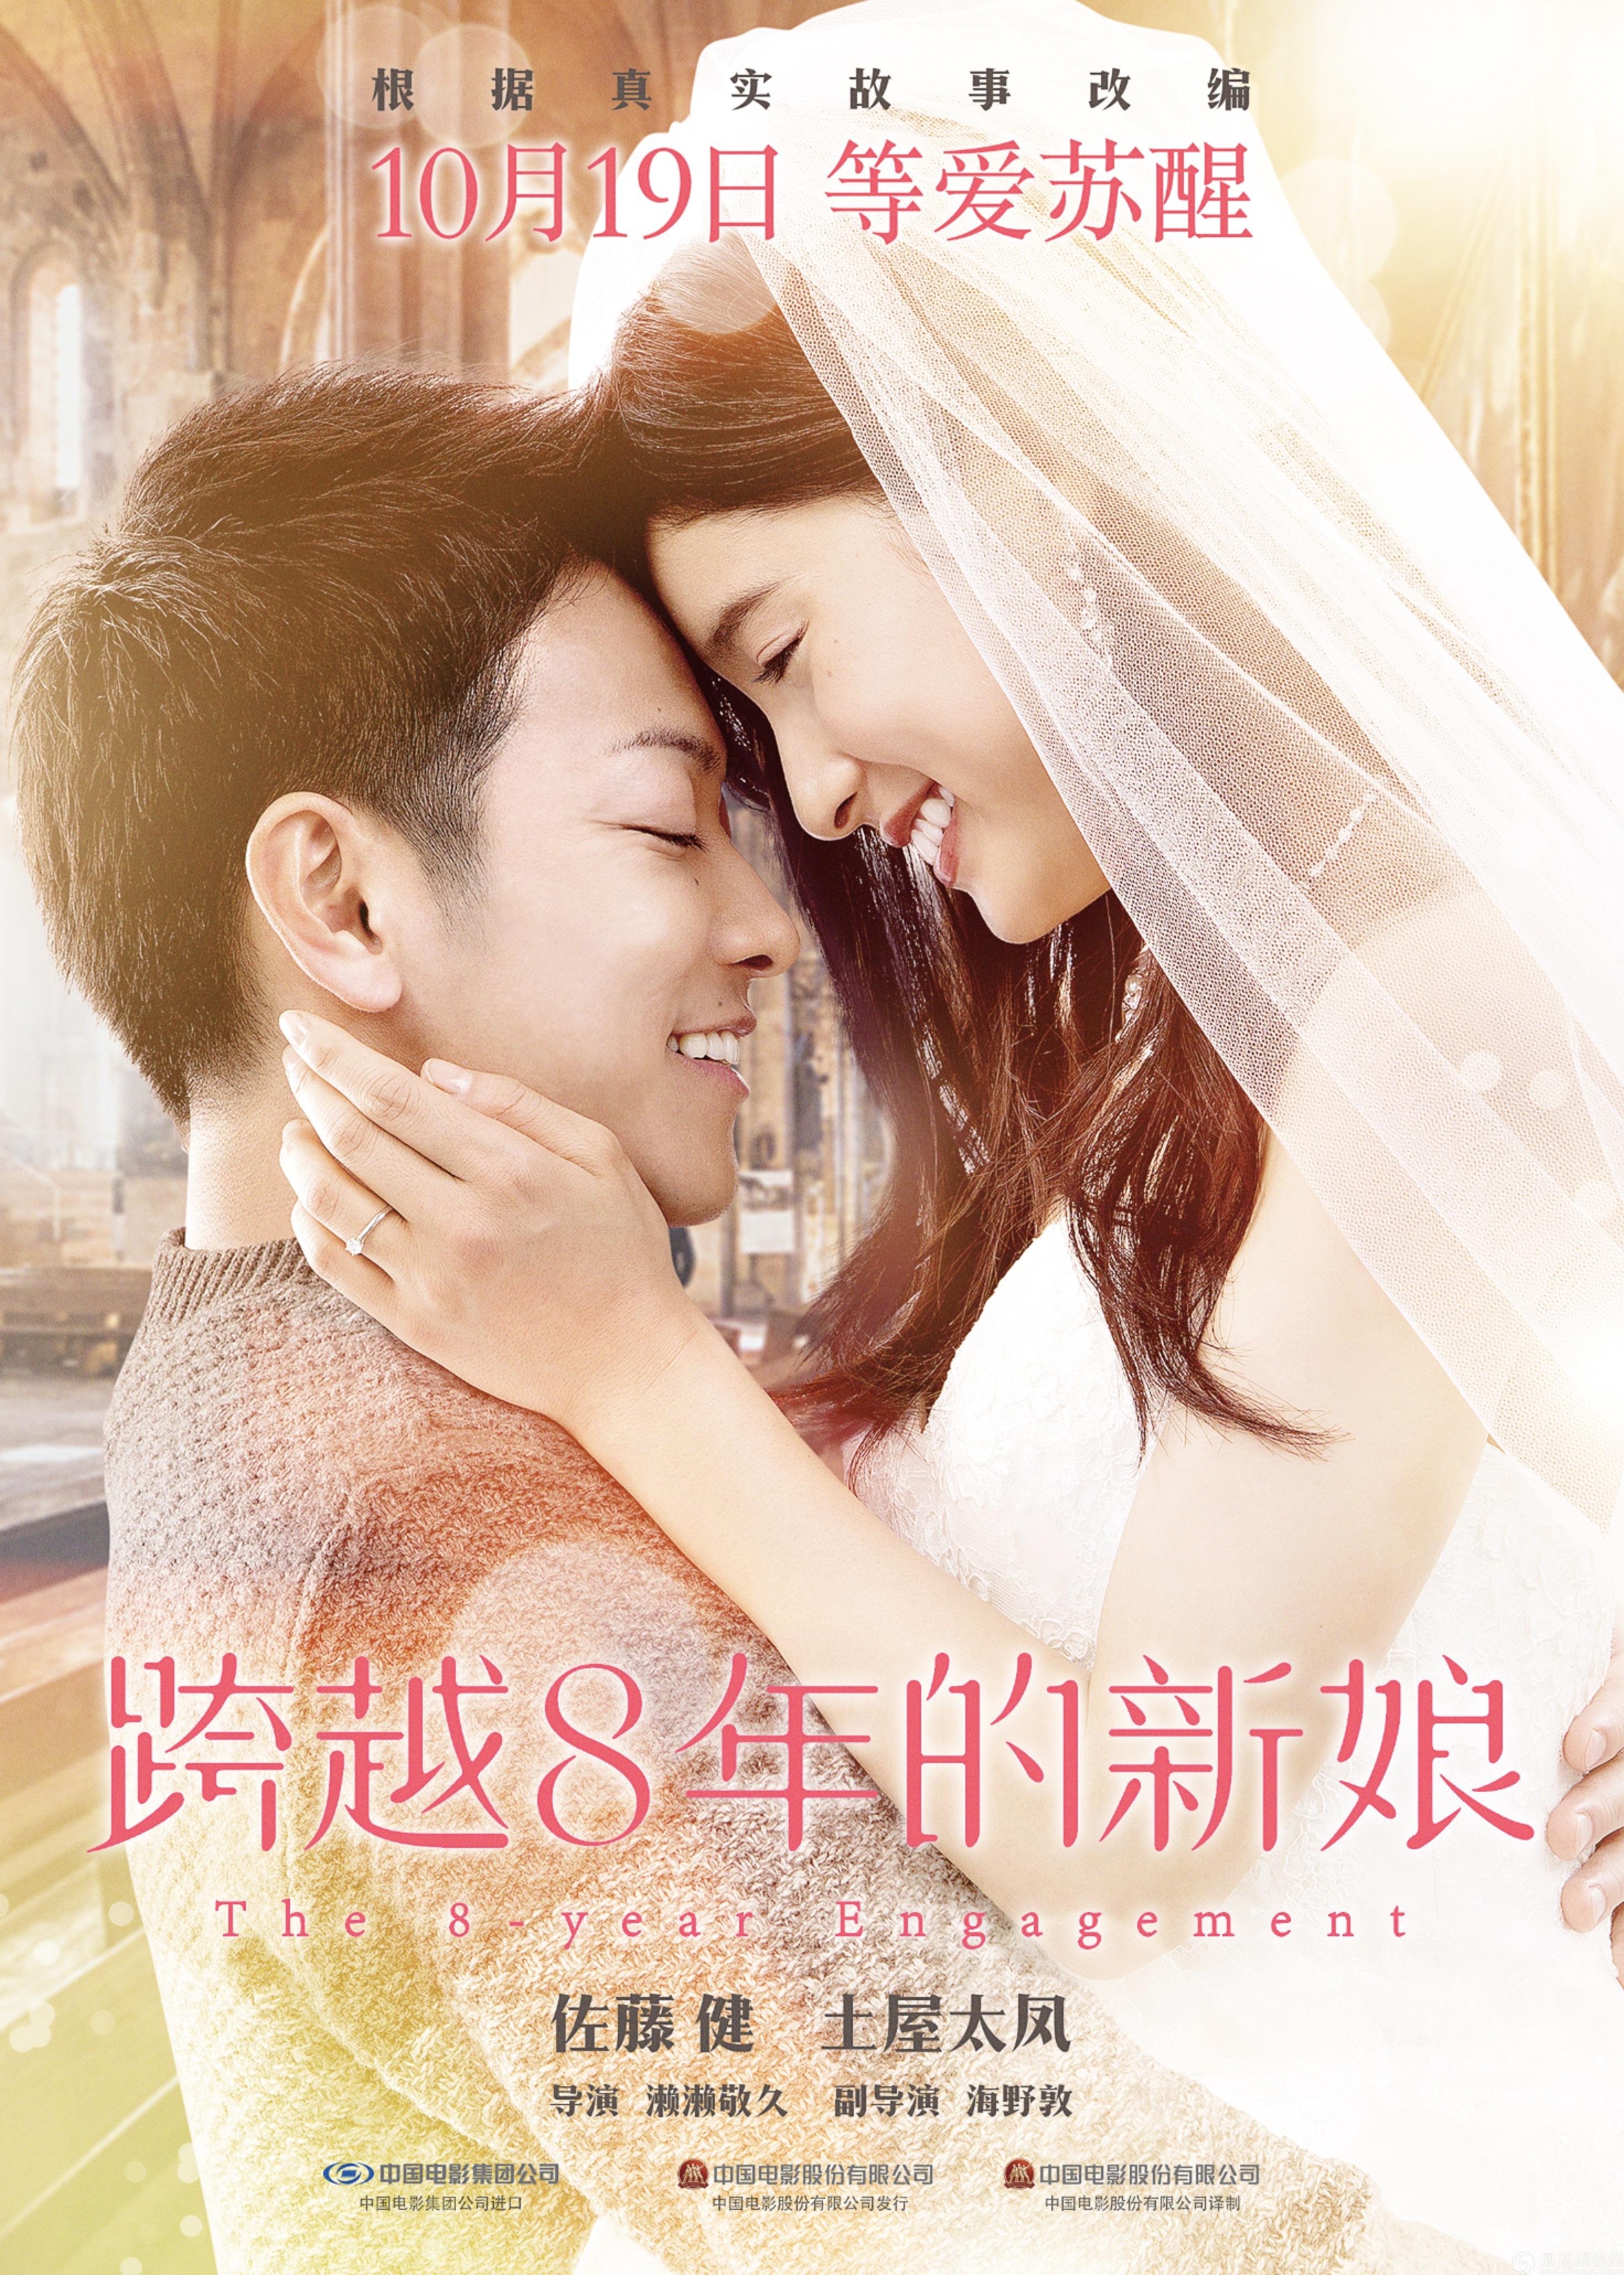 日本黑马电影《跨越8年的新娘》 定档10月19日